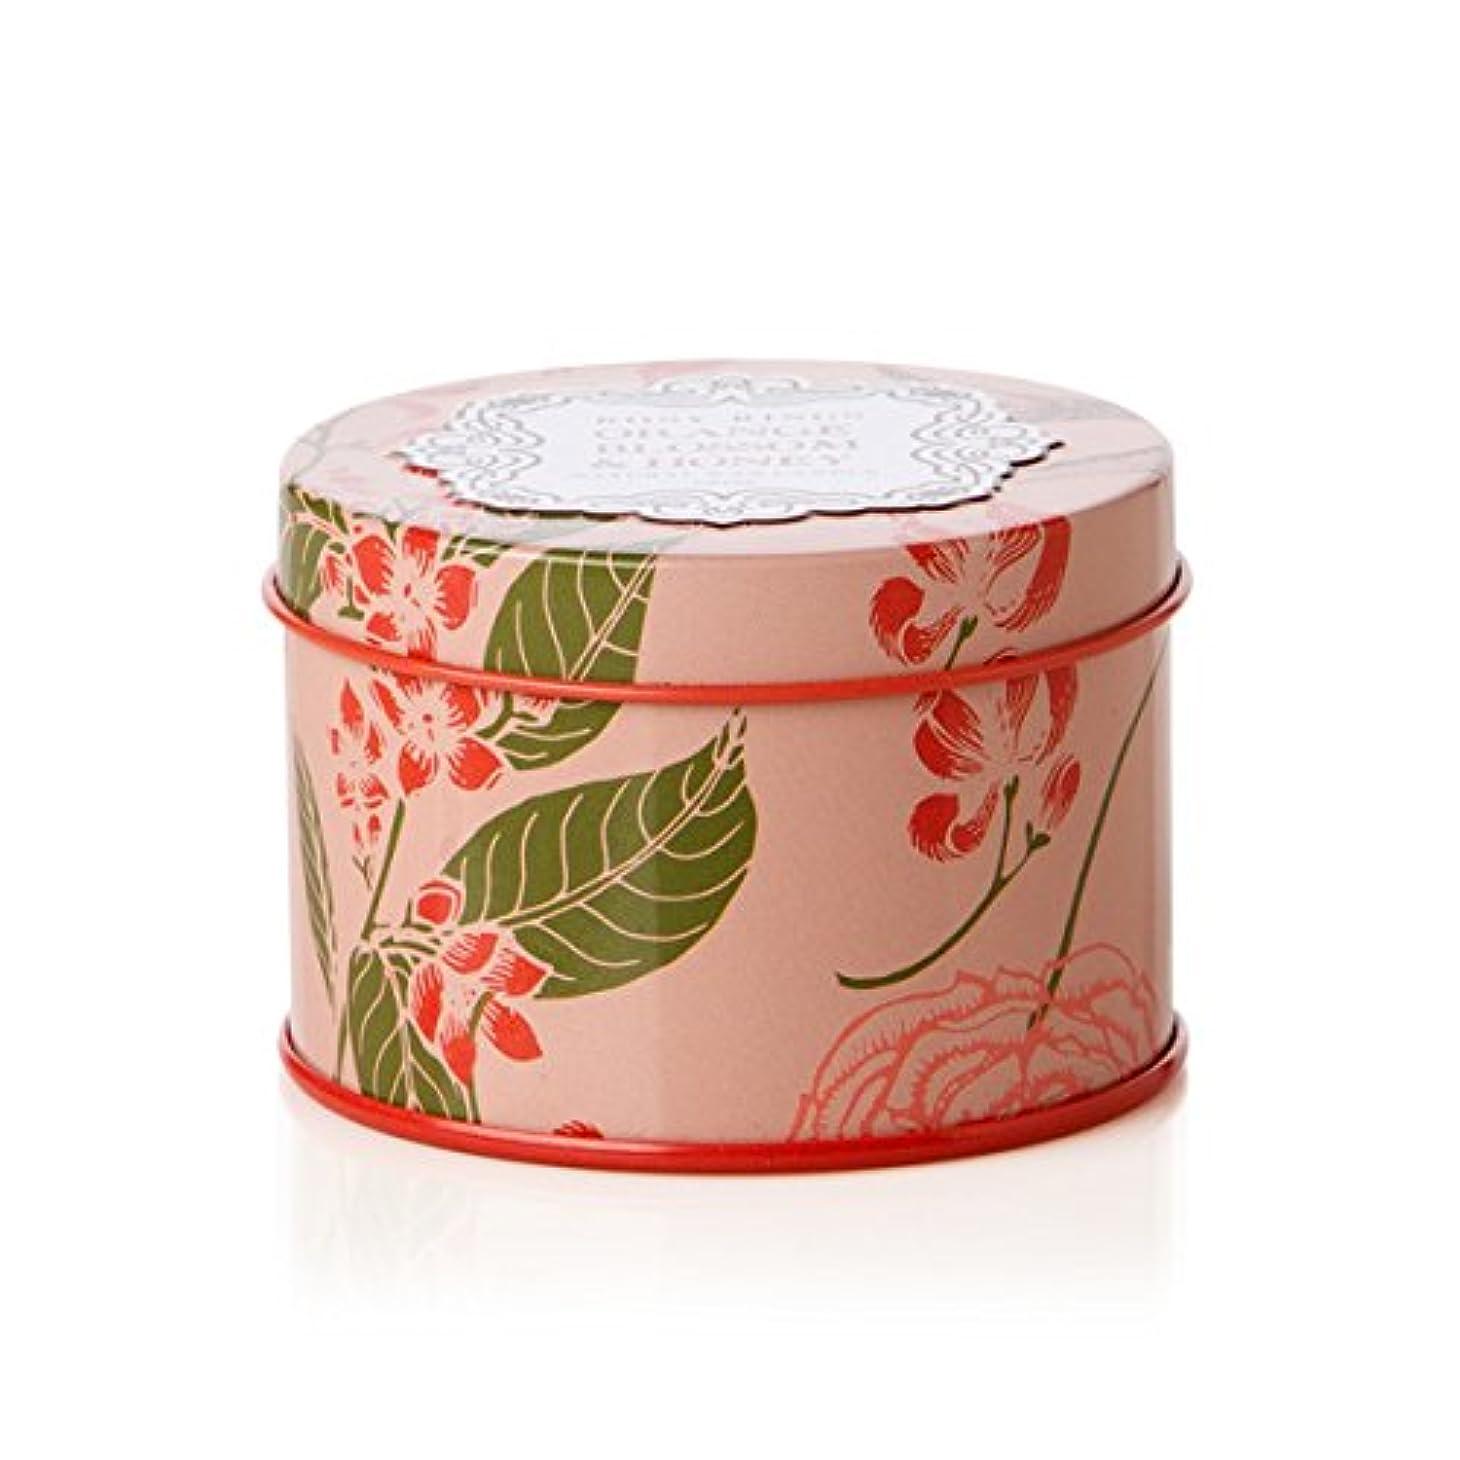 雨のメディカル従者ロージーリングス プティティンキャンドル オレンジブロッサム&ハニー ROSY RINGS Petite Tin Orange Blossom & Honey